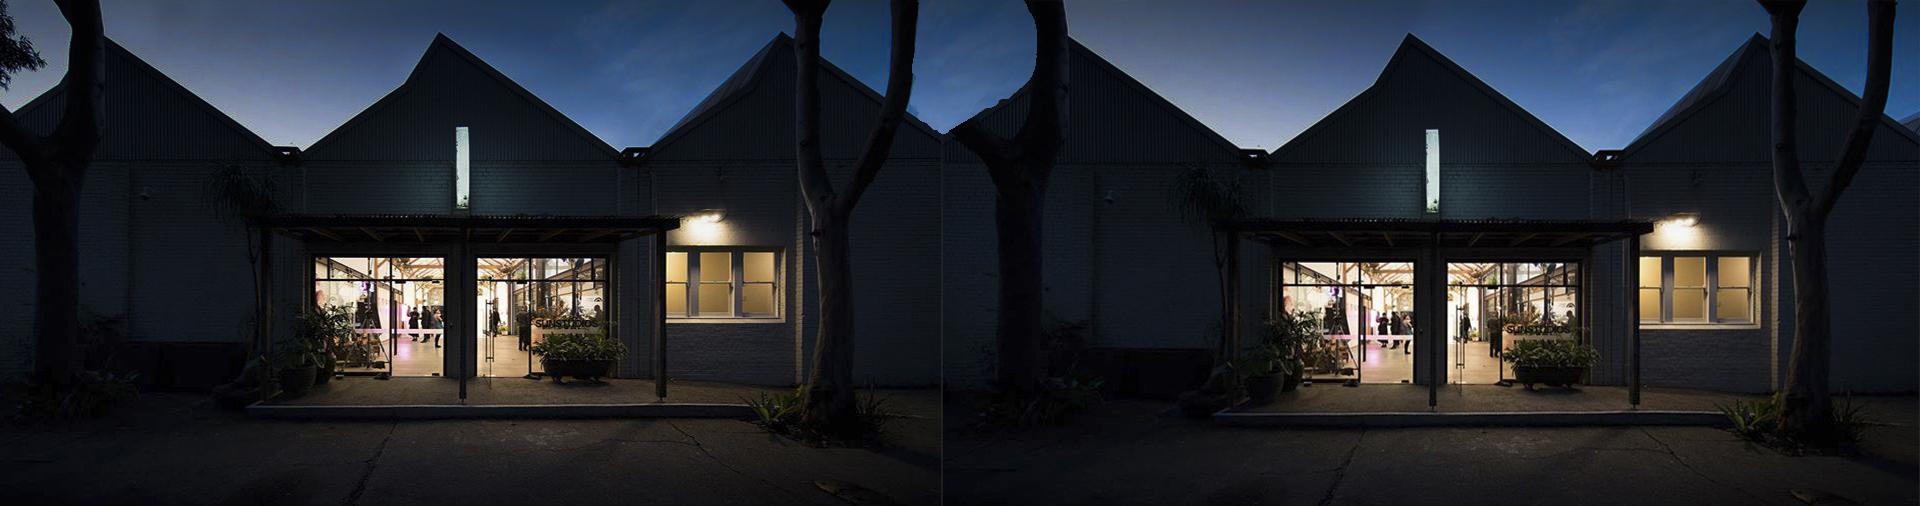 sunstudios-sydney-exterior-at-night